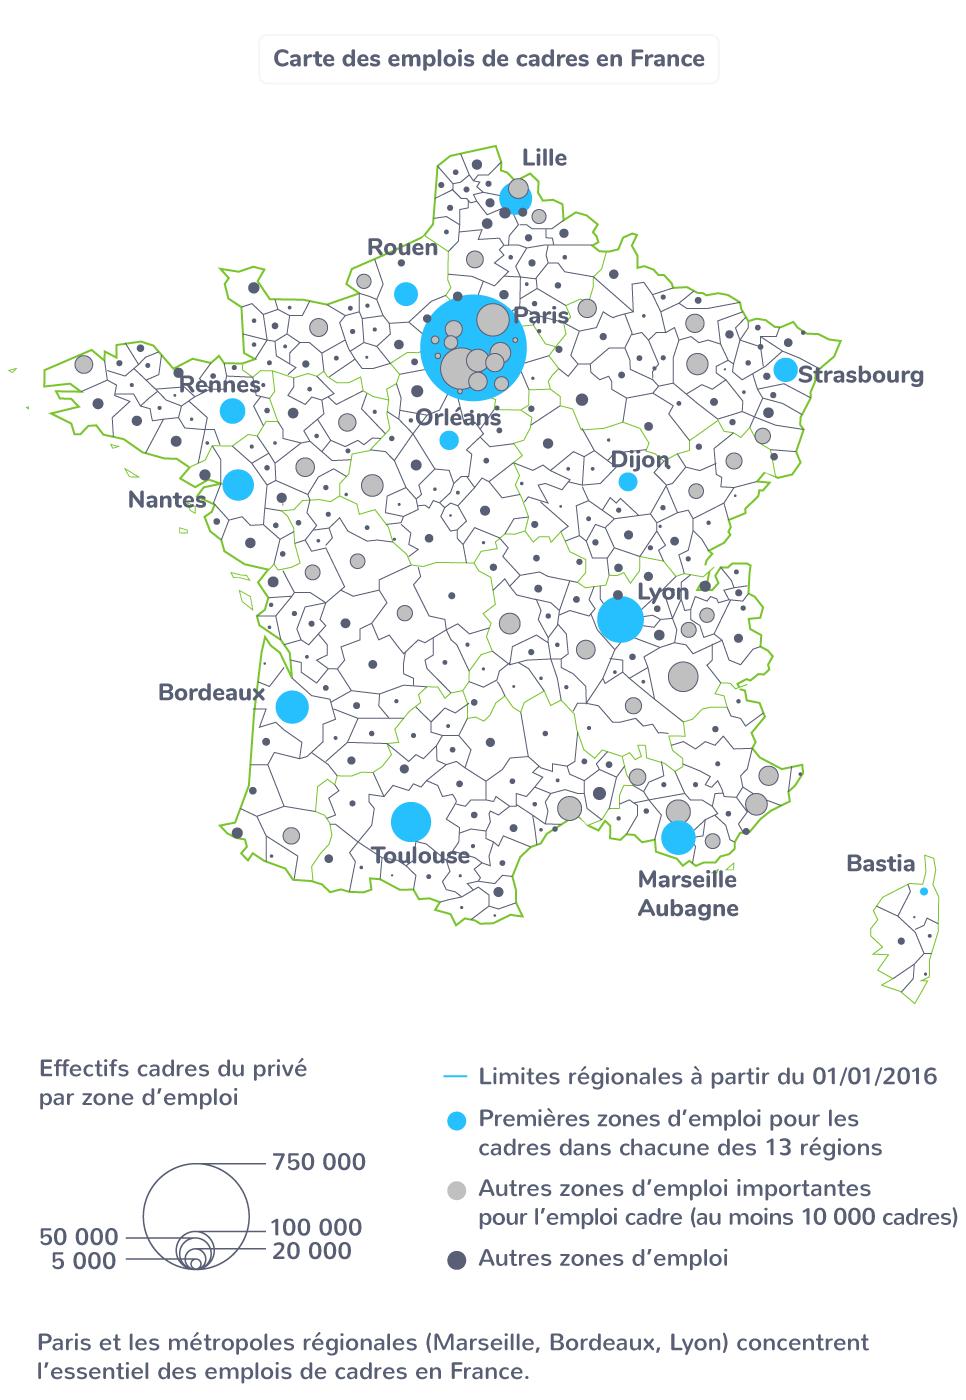 carte emplois cadre France travail